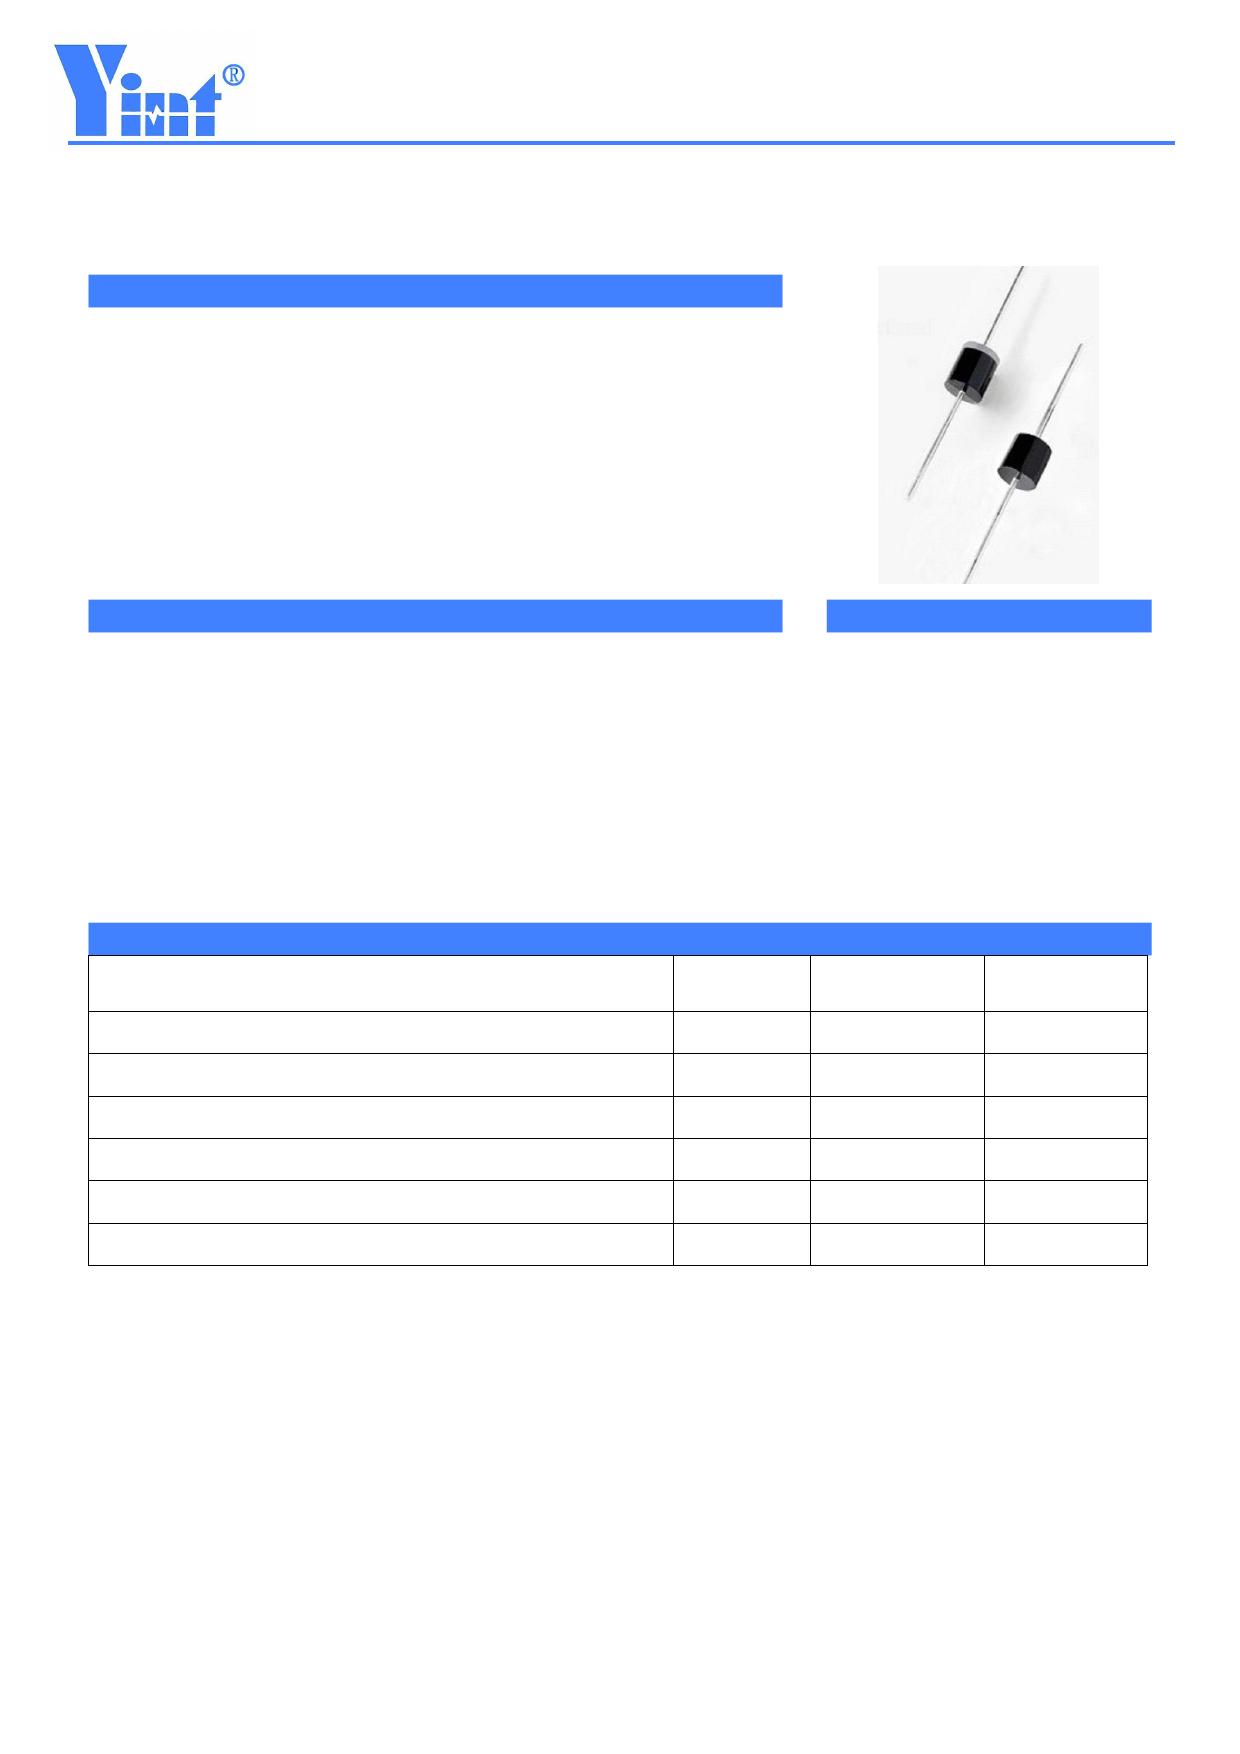 3.0KP120CA Hoja de datos, Descripción, Manual